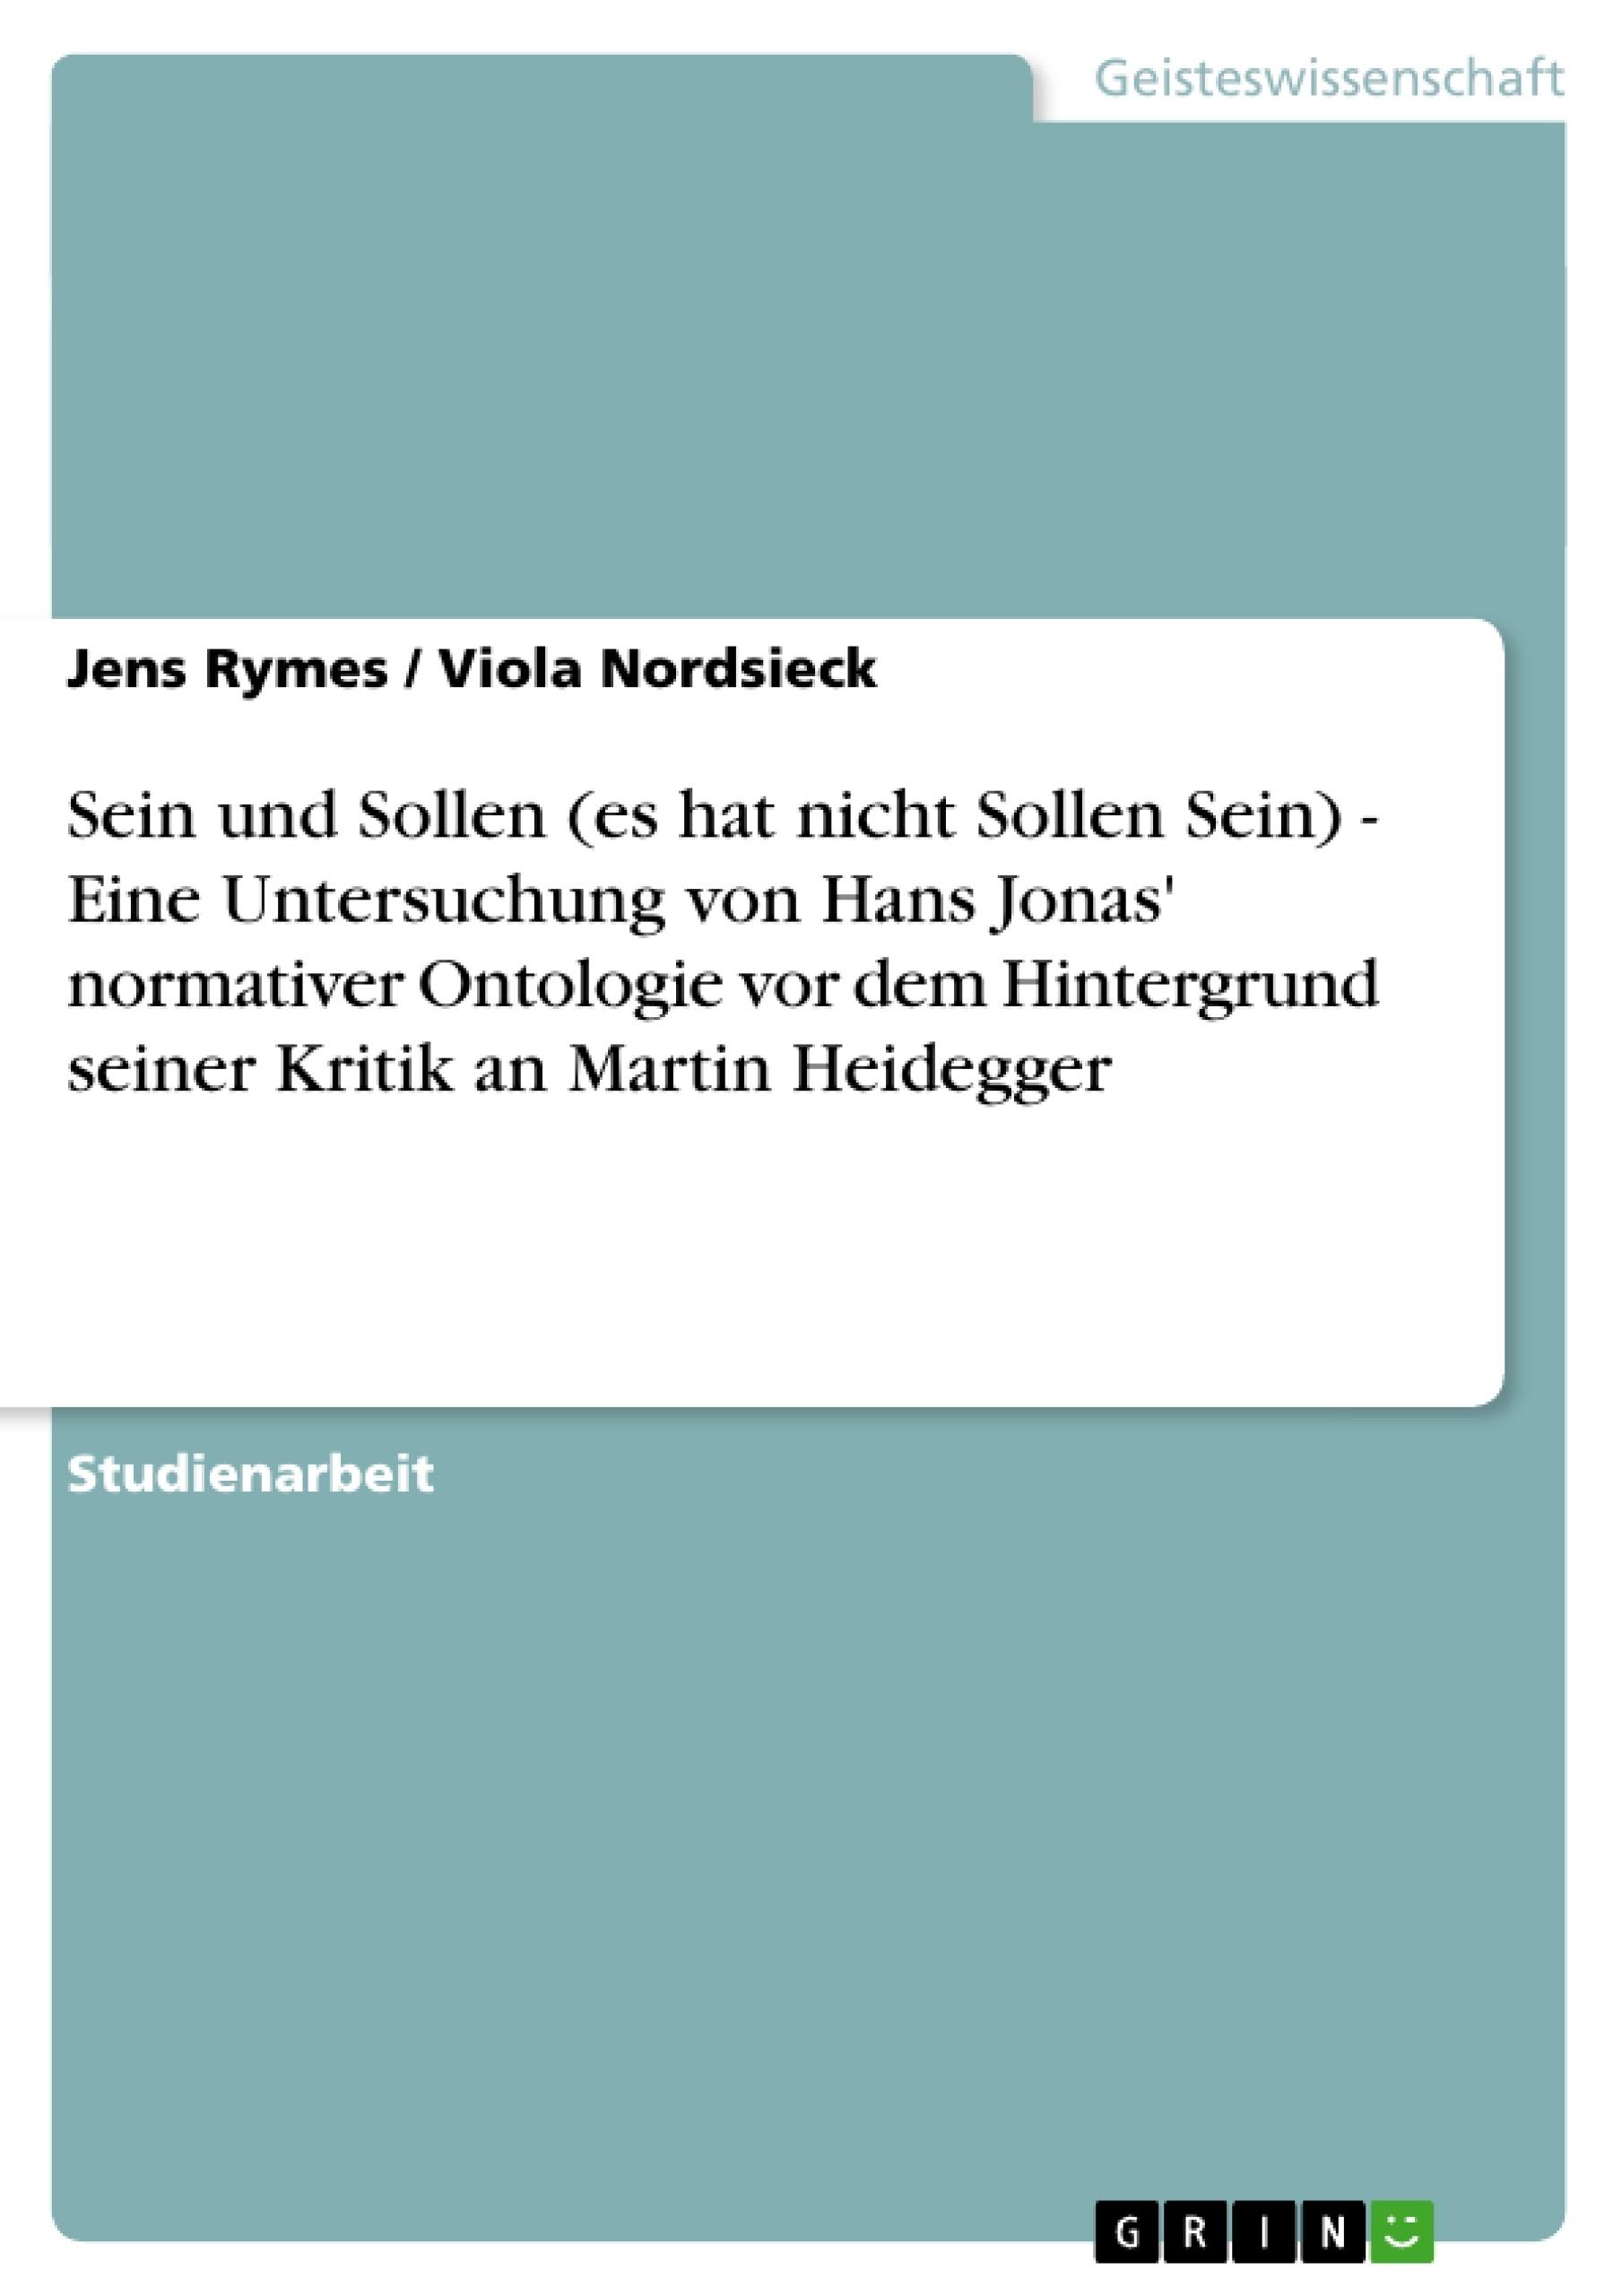 Titel: Sein und Sollen (es hat nicht Sollen Sein) -  Eine Untersuchung von Hans Jonas' normativer Ontologie vor dem Hintergrund seiner Kritik an Martin Heidegger